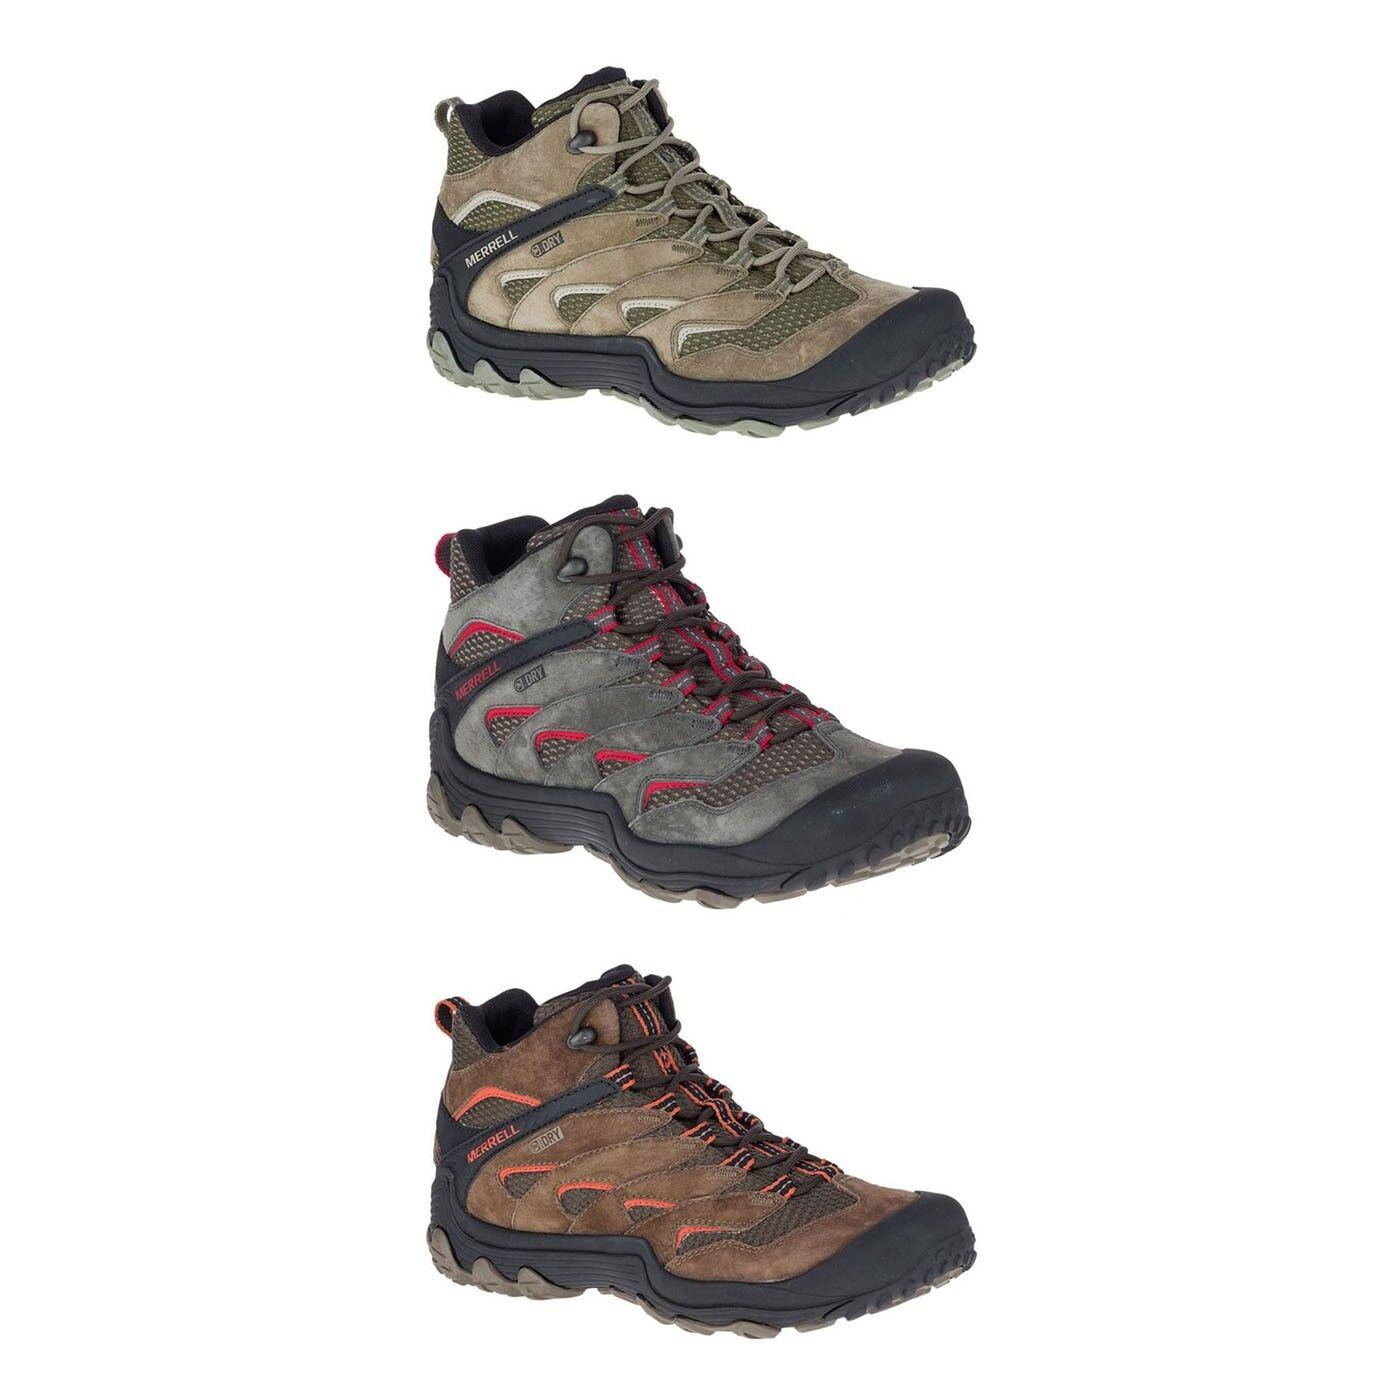 Nouveau Merrell Chameleon 7 Limit Mid Waterproof hommes Trail chaussures De Randonnée Toutes Tailles